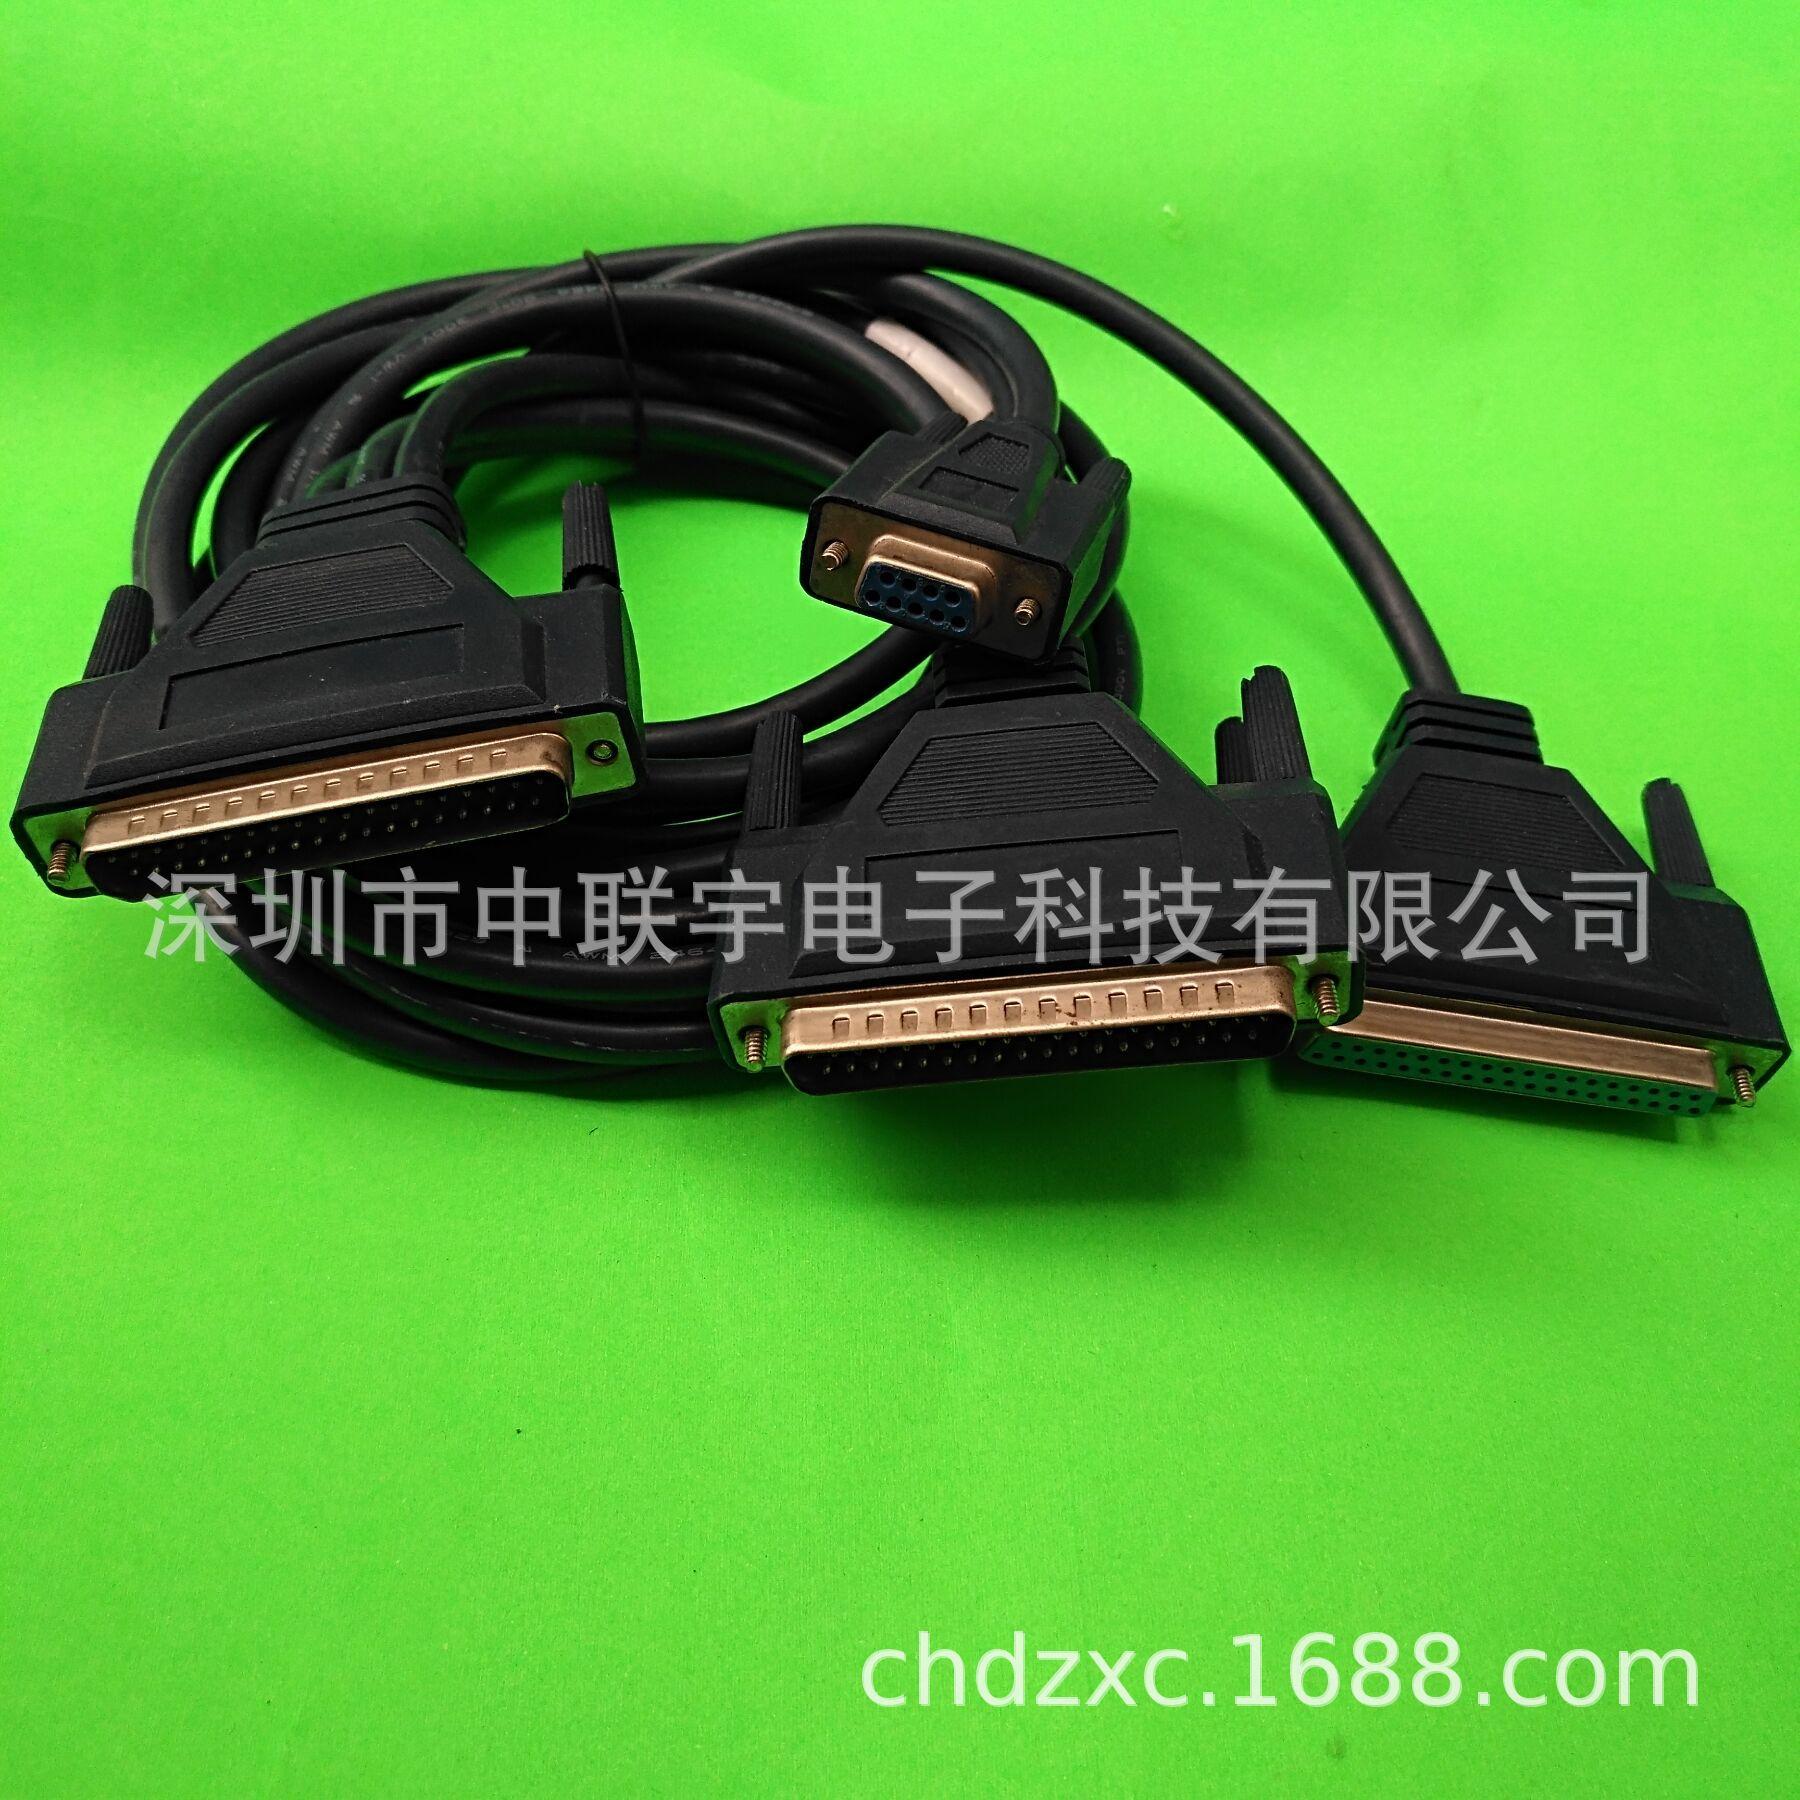 器25p_male to scsi hdb37p male hdb37f db9f cable伺服连接线缆 连接器